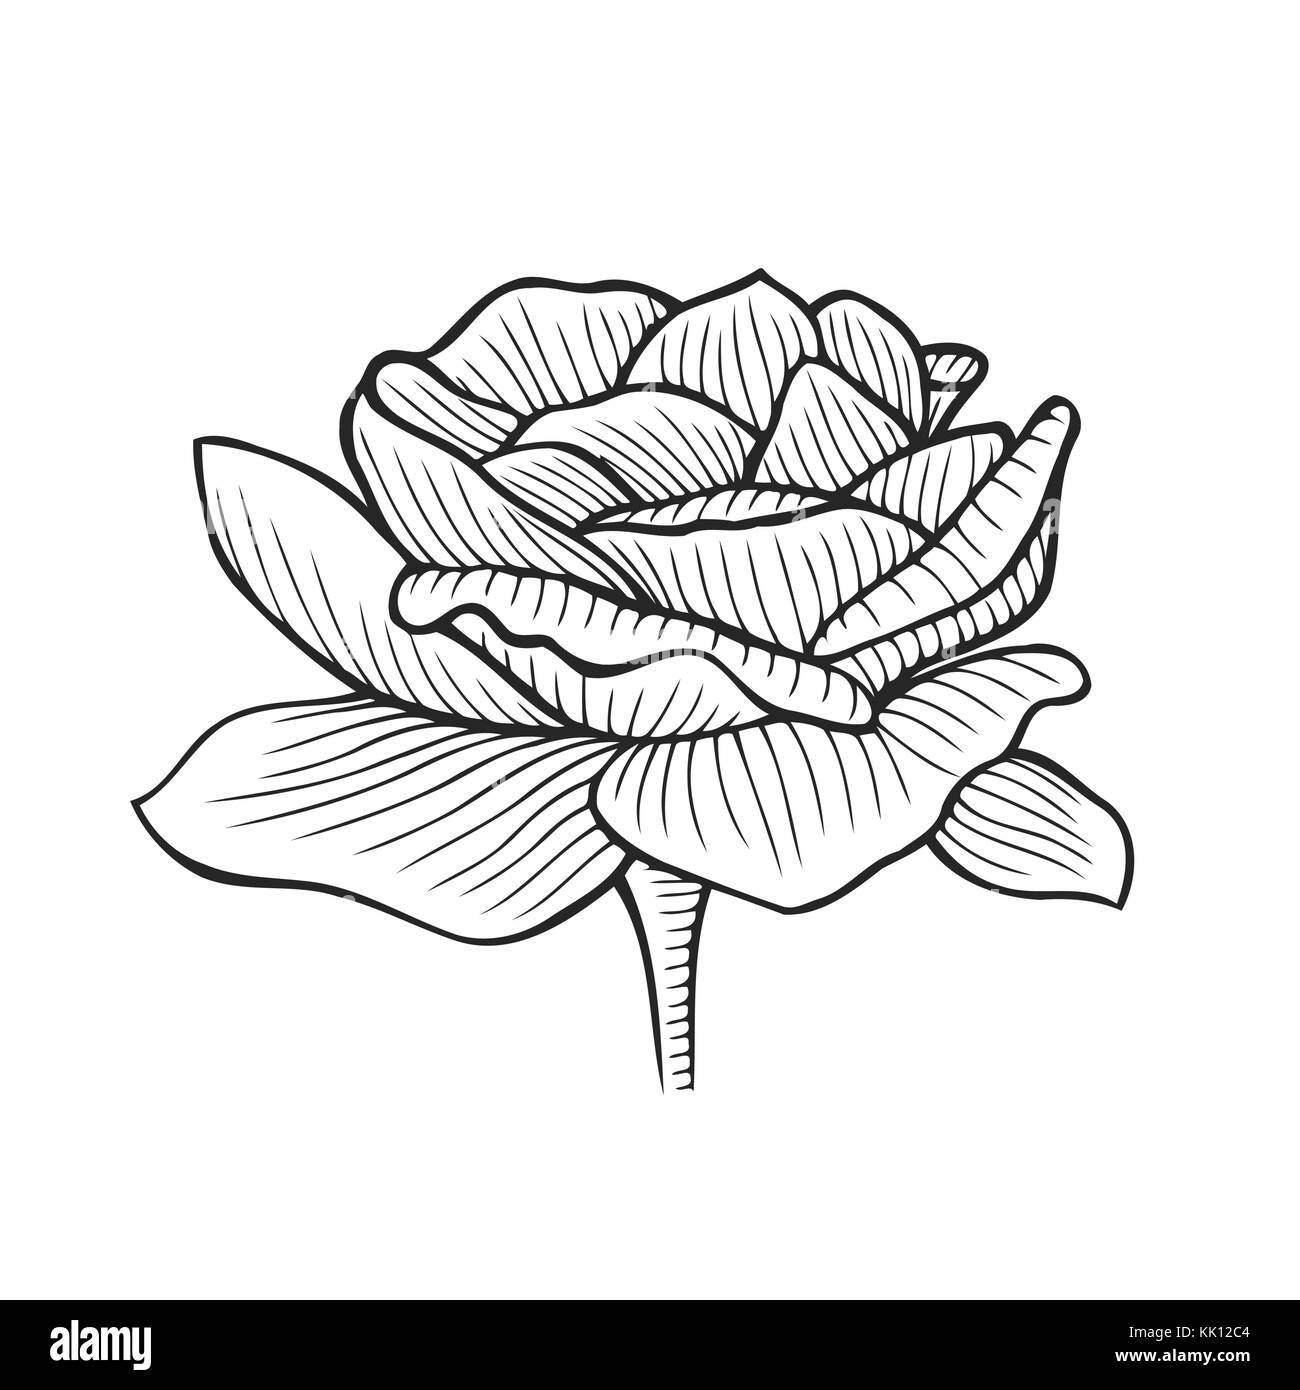 pfingstrose zeichnen blumen zeichnung, hand gezeichnet pfingstrose, blume florale gravur vector, Design ideen